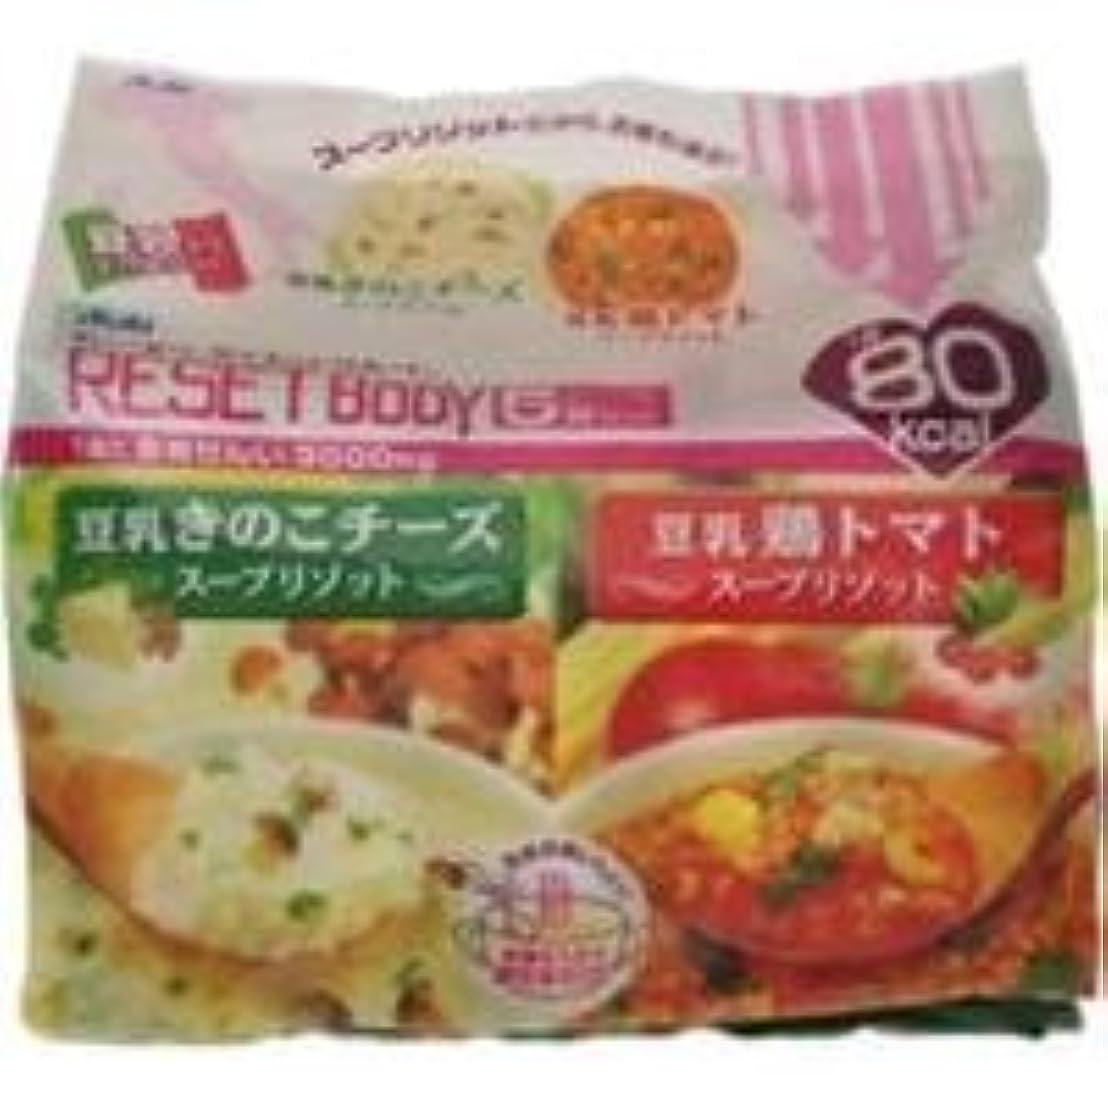 限られたバクテリア溶岩リセットボディ リセットボディ 豆乳きのこチーズ&鶏トマトスープリゾット 5食 きのこ3食+???2食 1袋